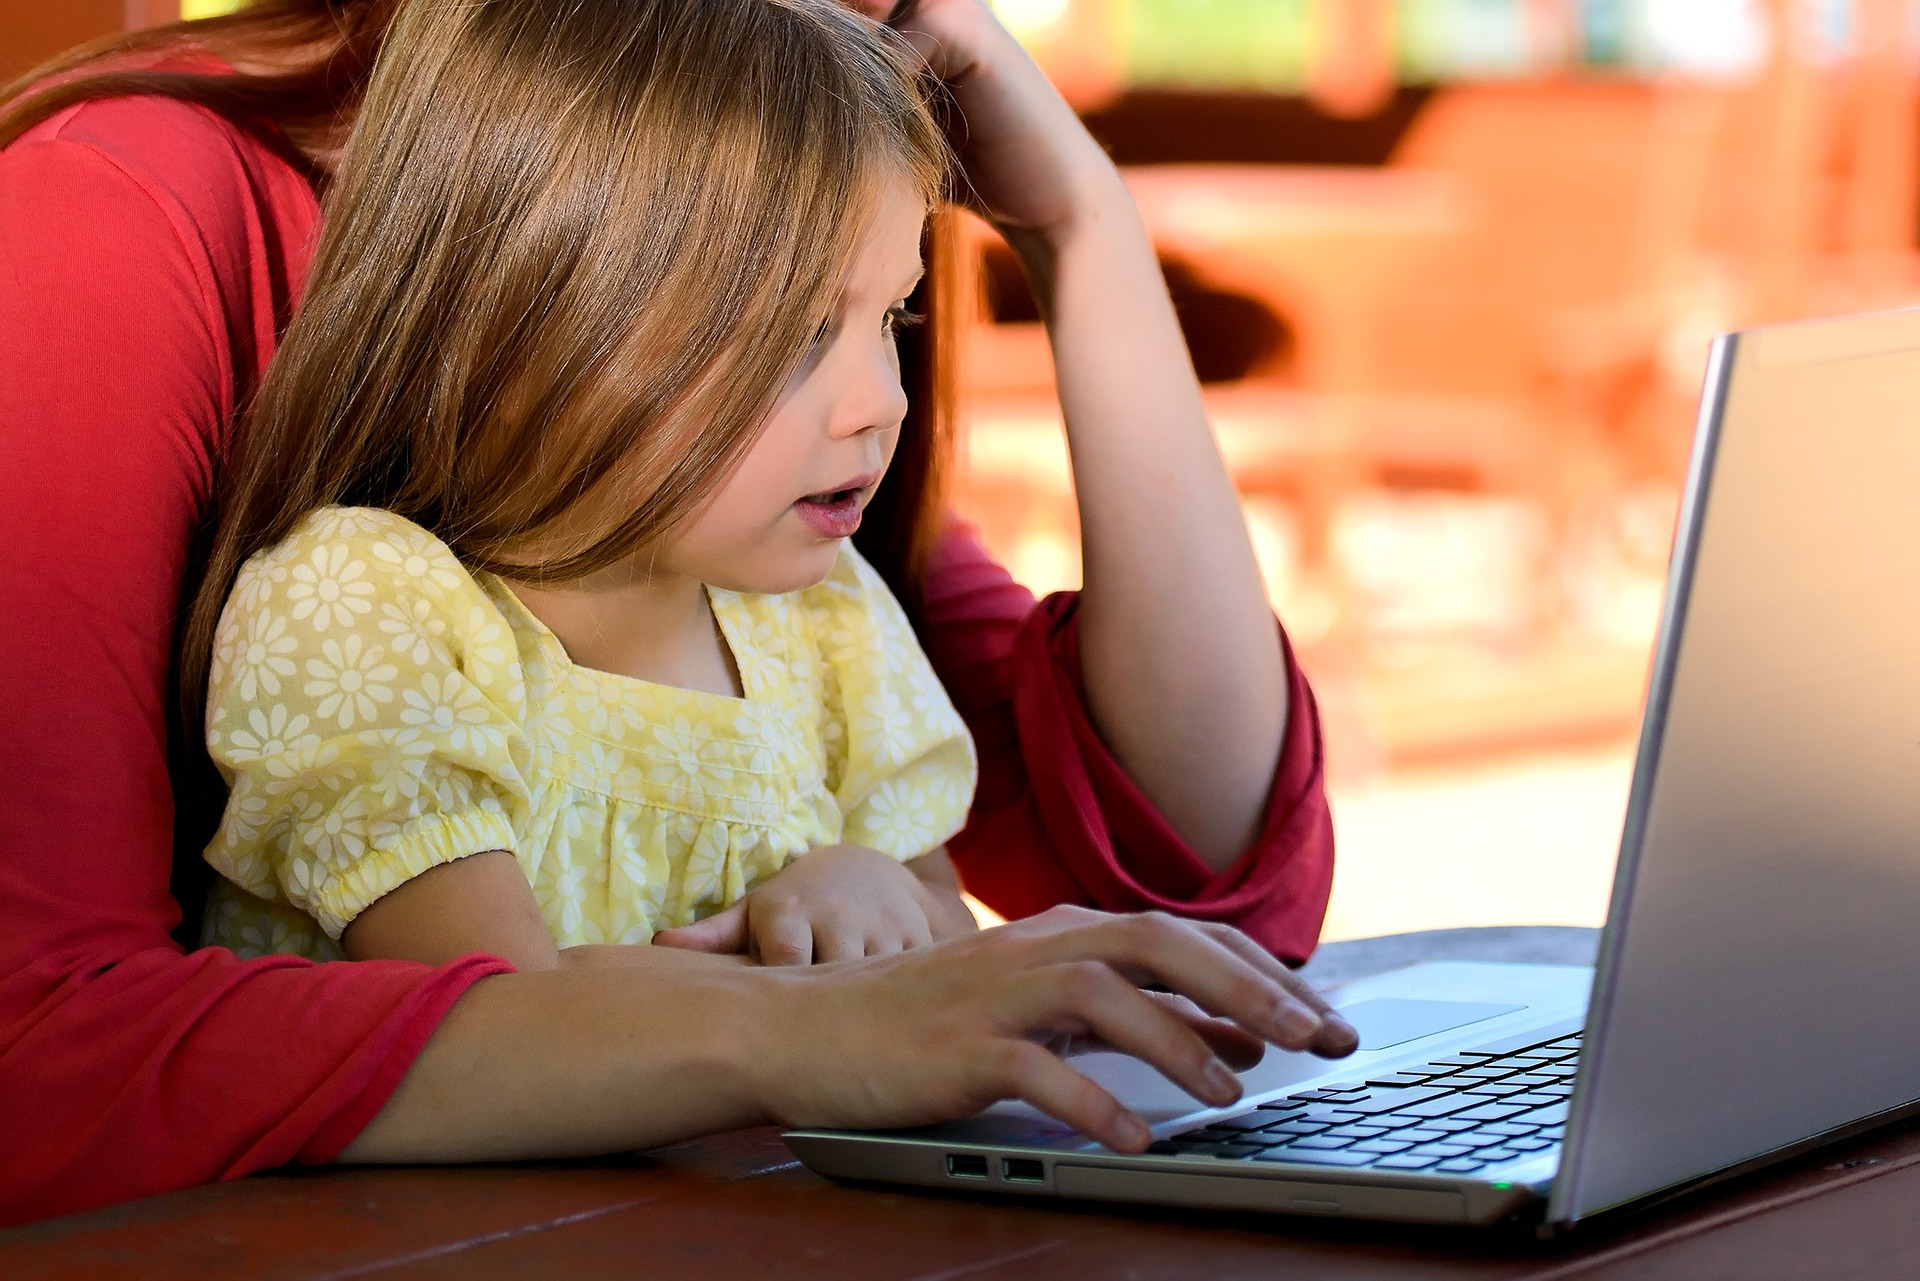 Musei virtuali per i nostri bambini